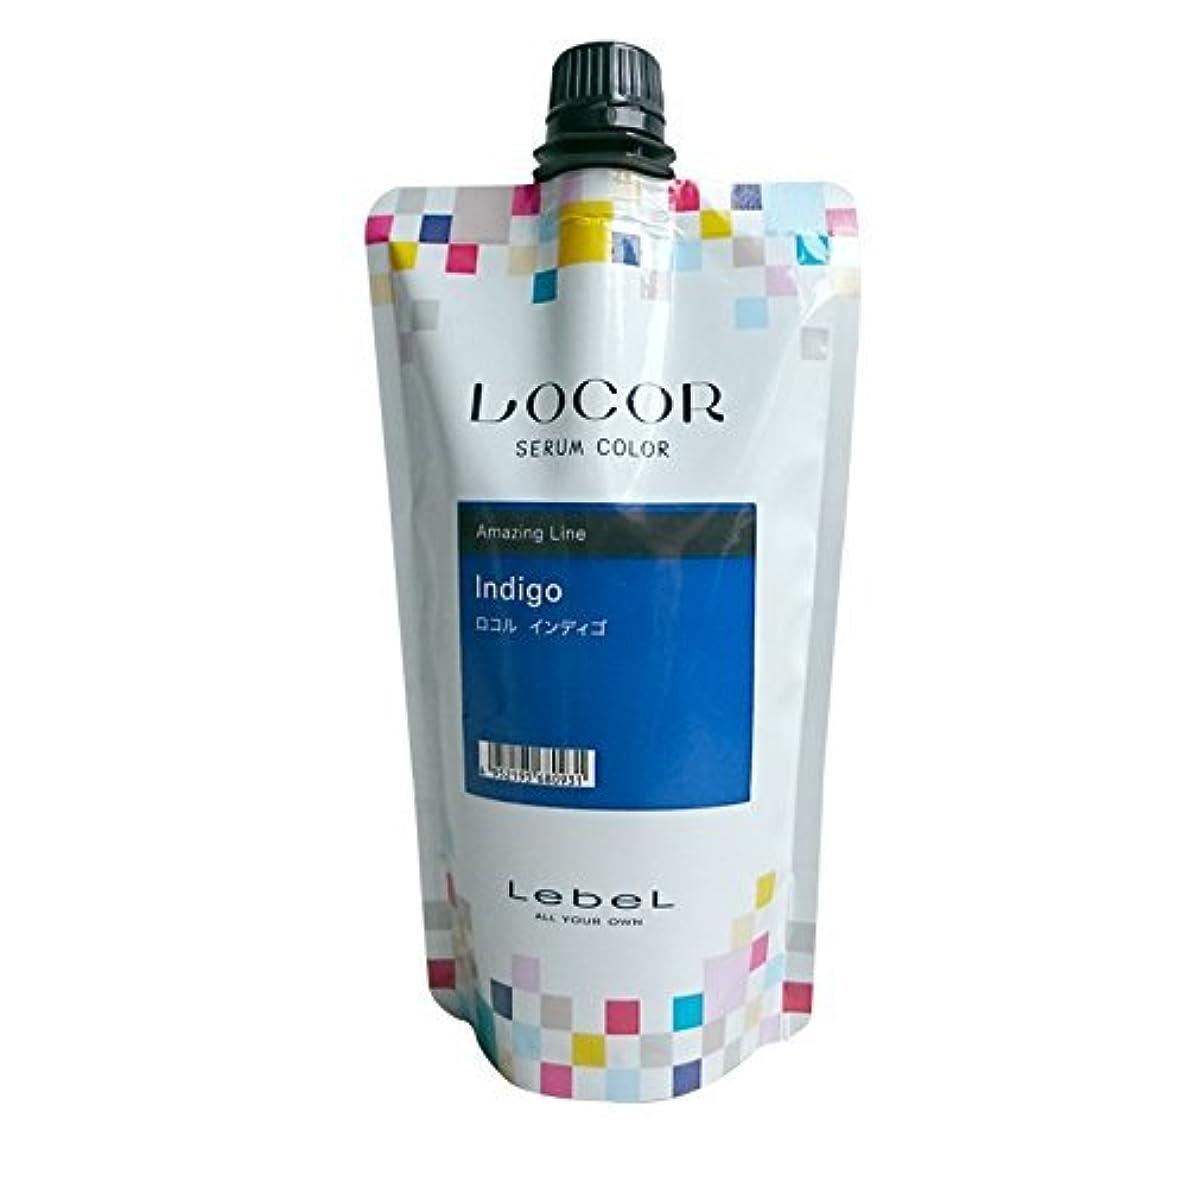 石膏香水スペアルベル ロコル セラムカラー インディゴ I 300g